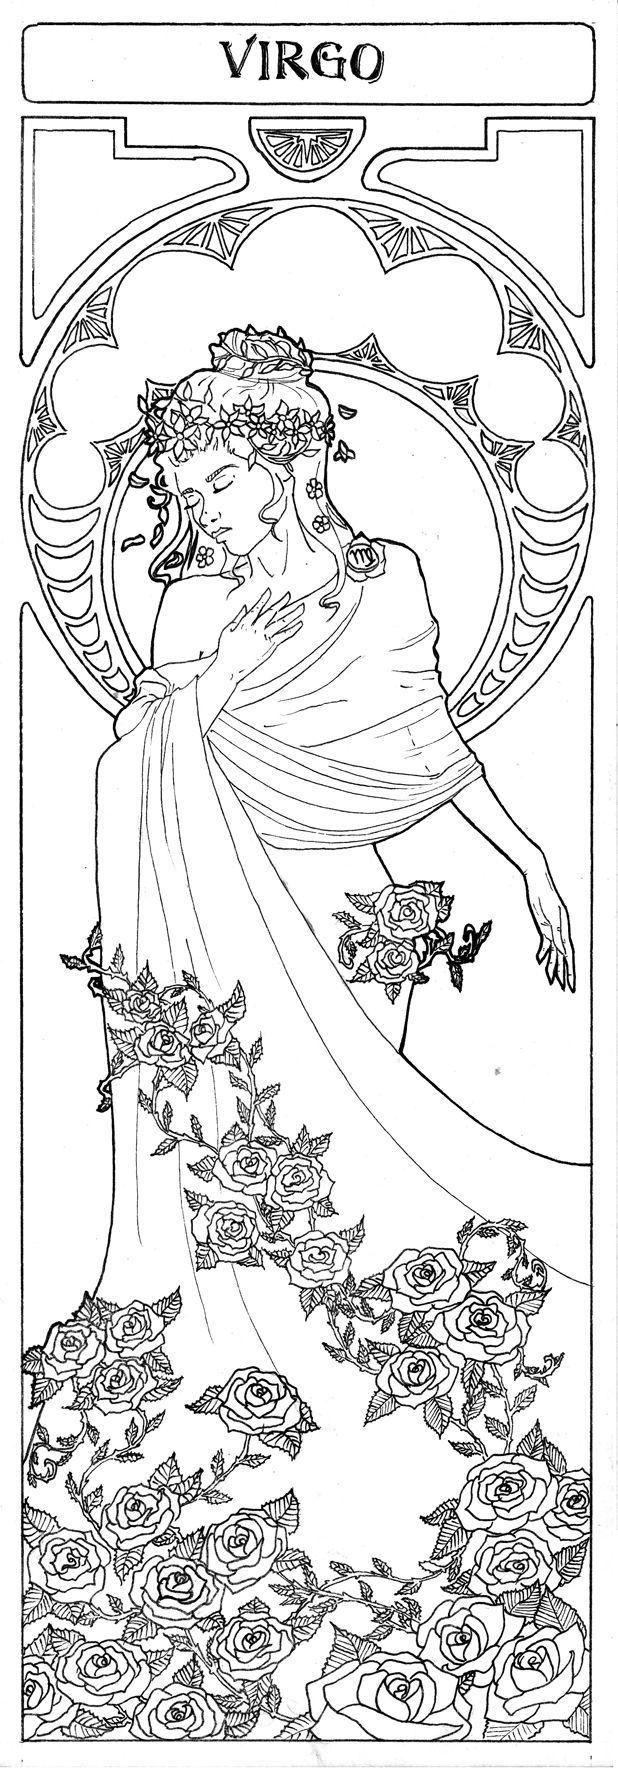 Kleurplaten Zodiac Pin Via Dromenvangers Winkeltje Virgo Patroon Tekening Prent Sjabloon Virgo Art Astrology Virgo Virgo Tattoo